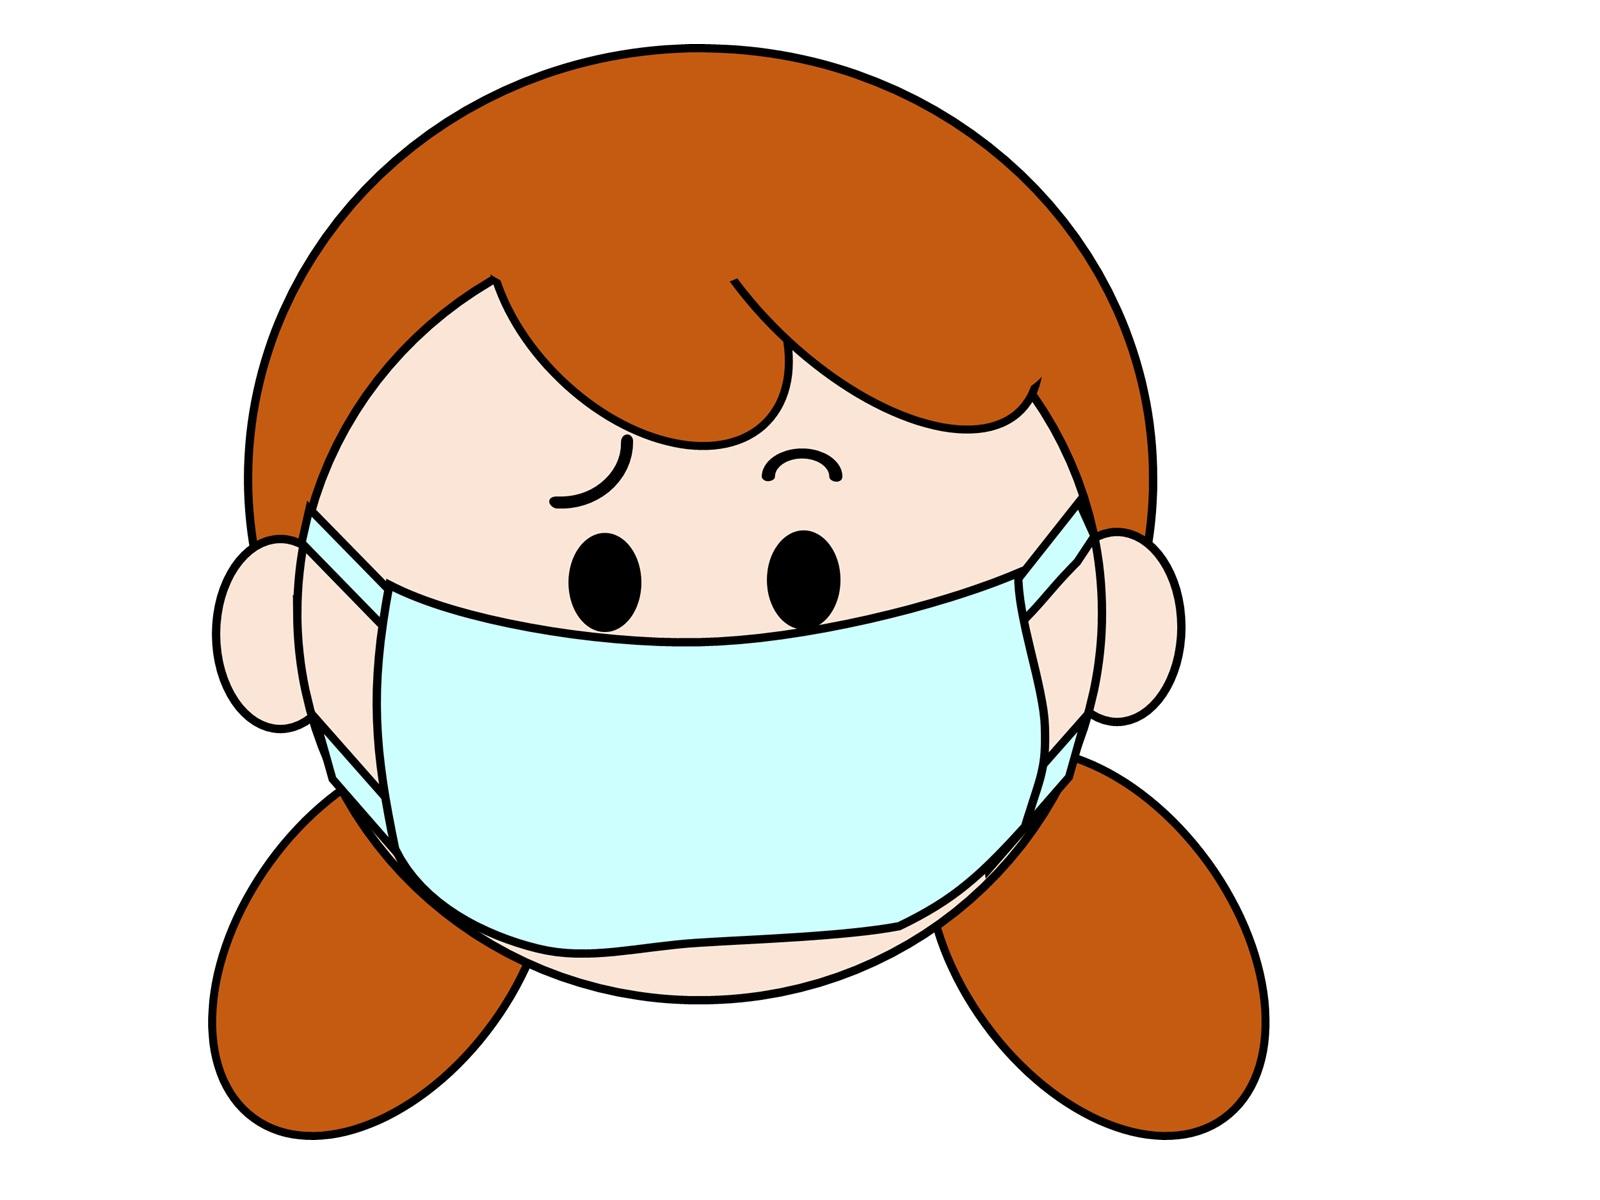 インフルエンザワクチンは効果なし!重症化も防げない